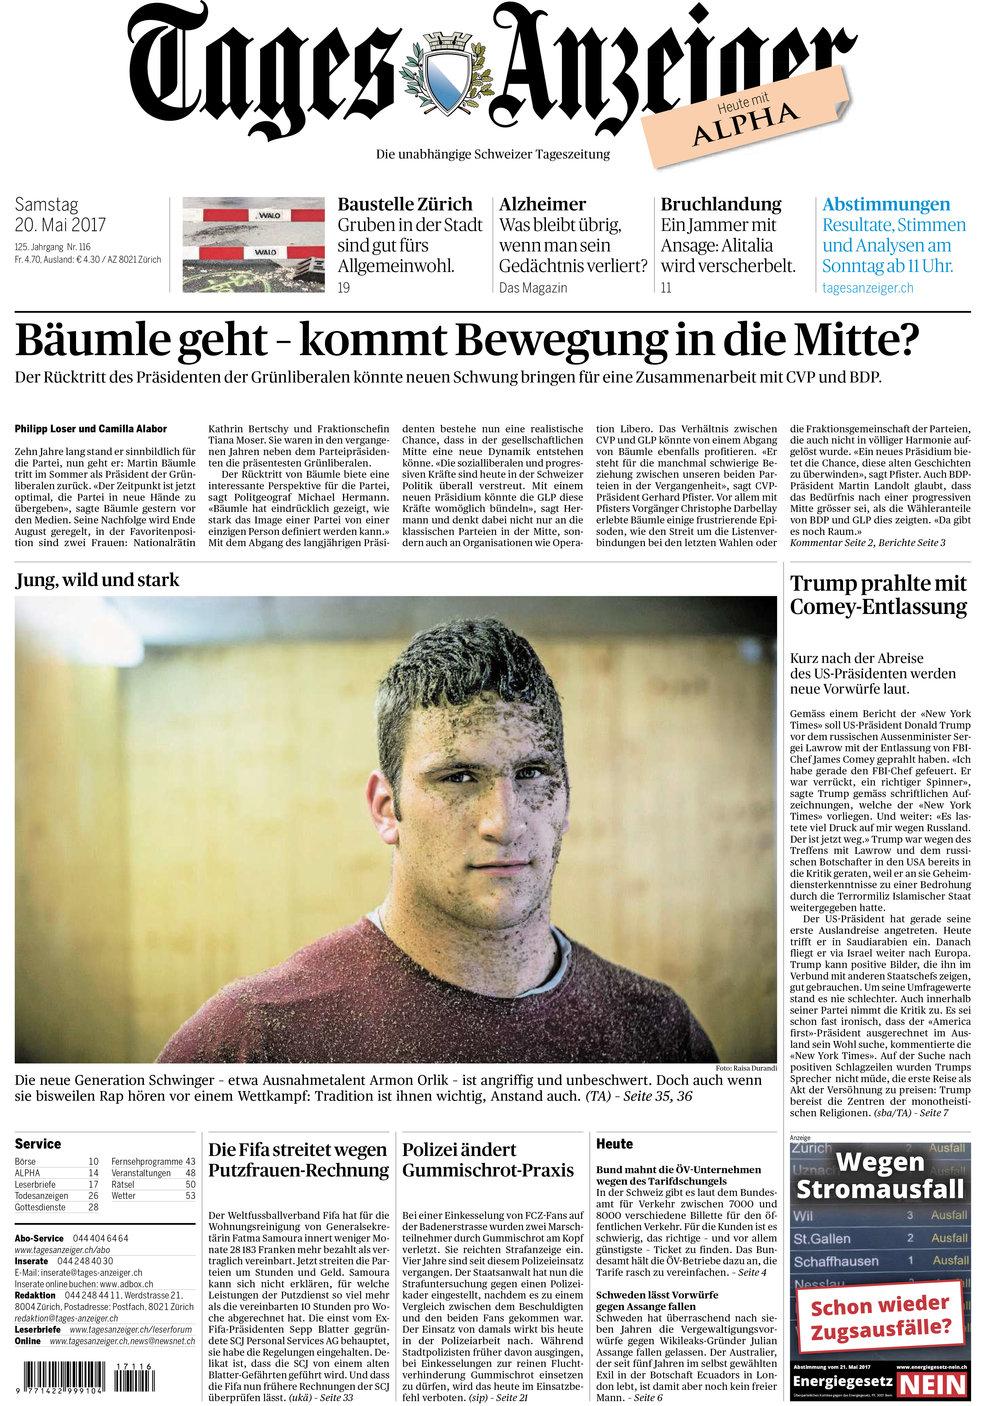 Tages-Anzeiger_2017-05-20_01.jpg